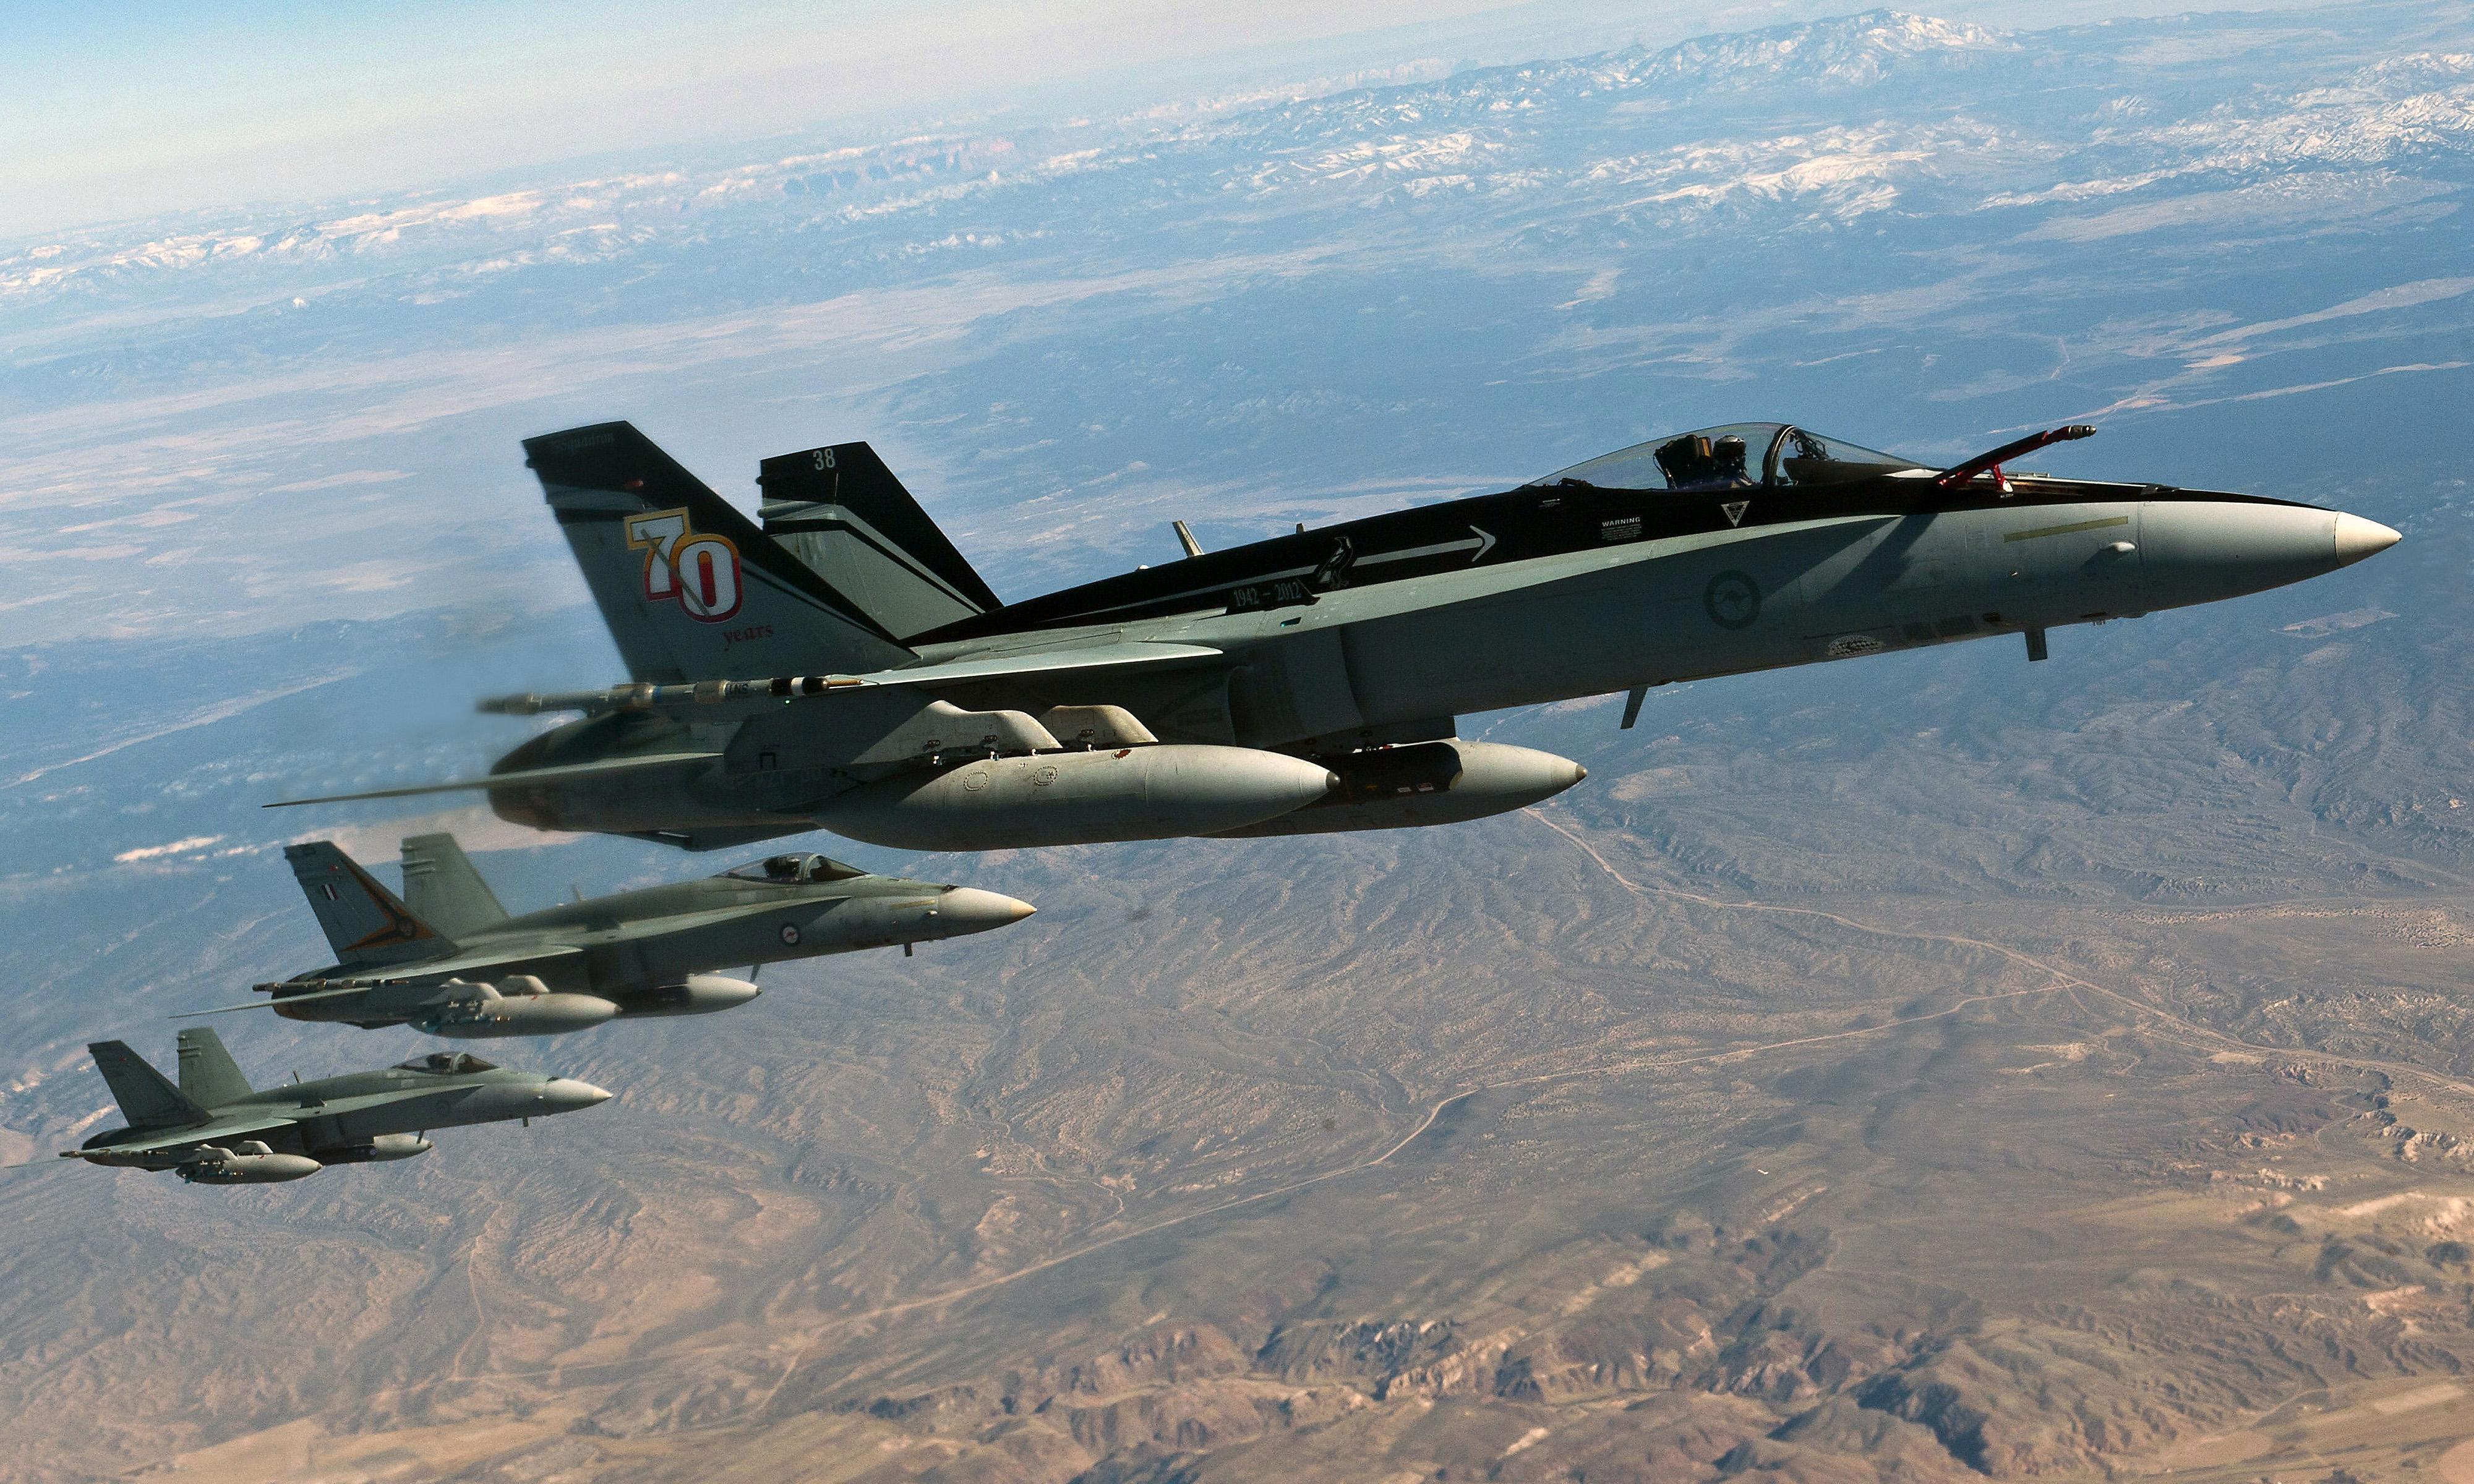 McDonnell Douglas F/A-18 Hornet in Australian service - Wikipedia